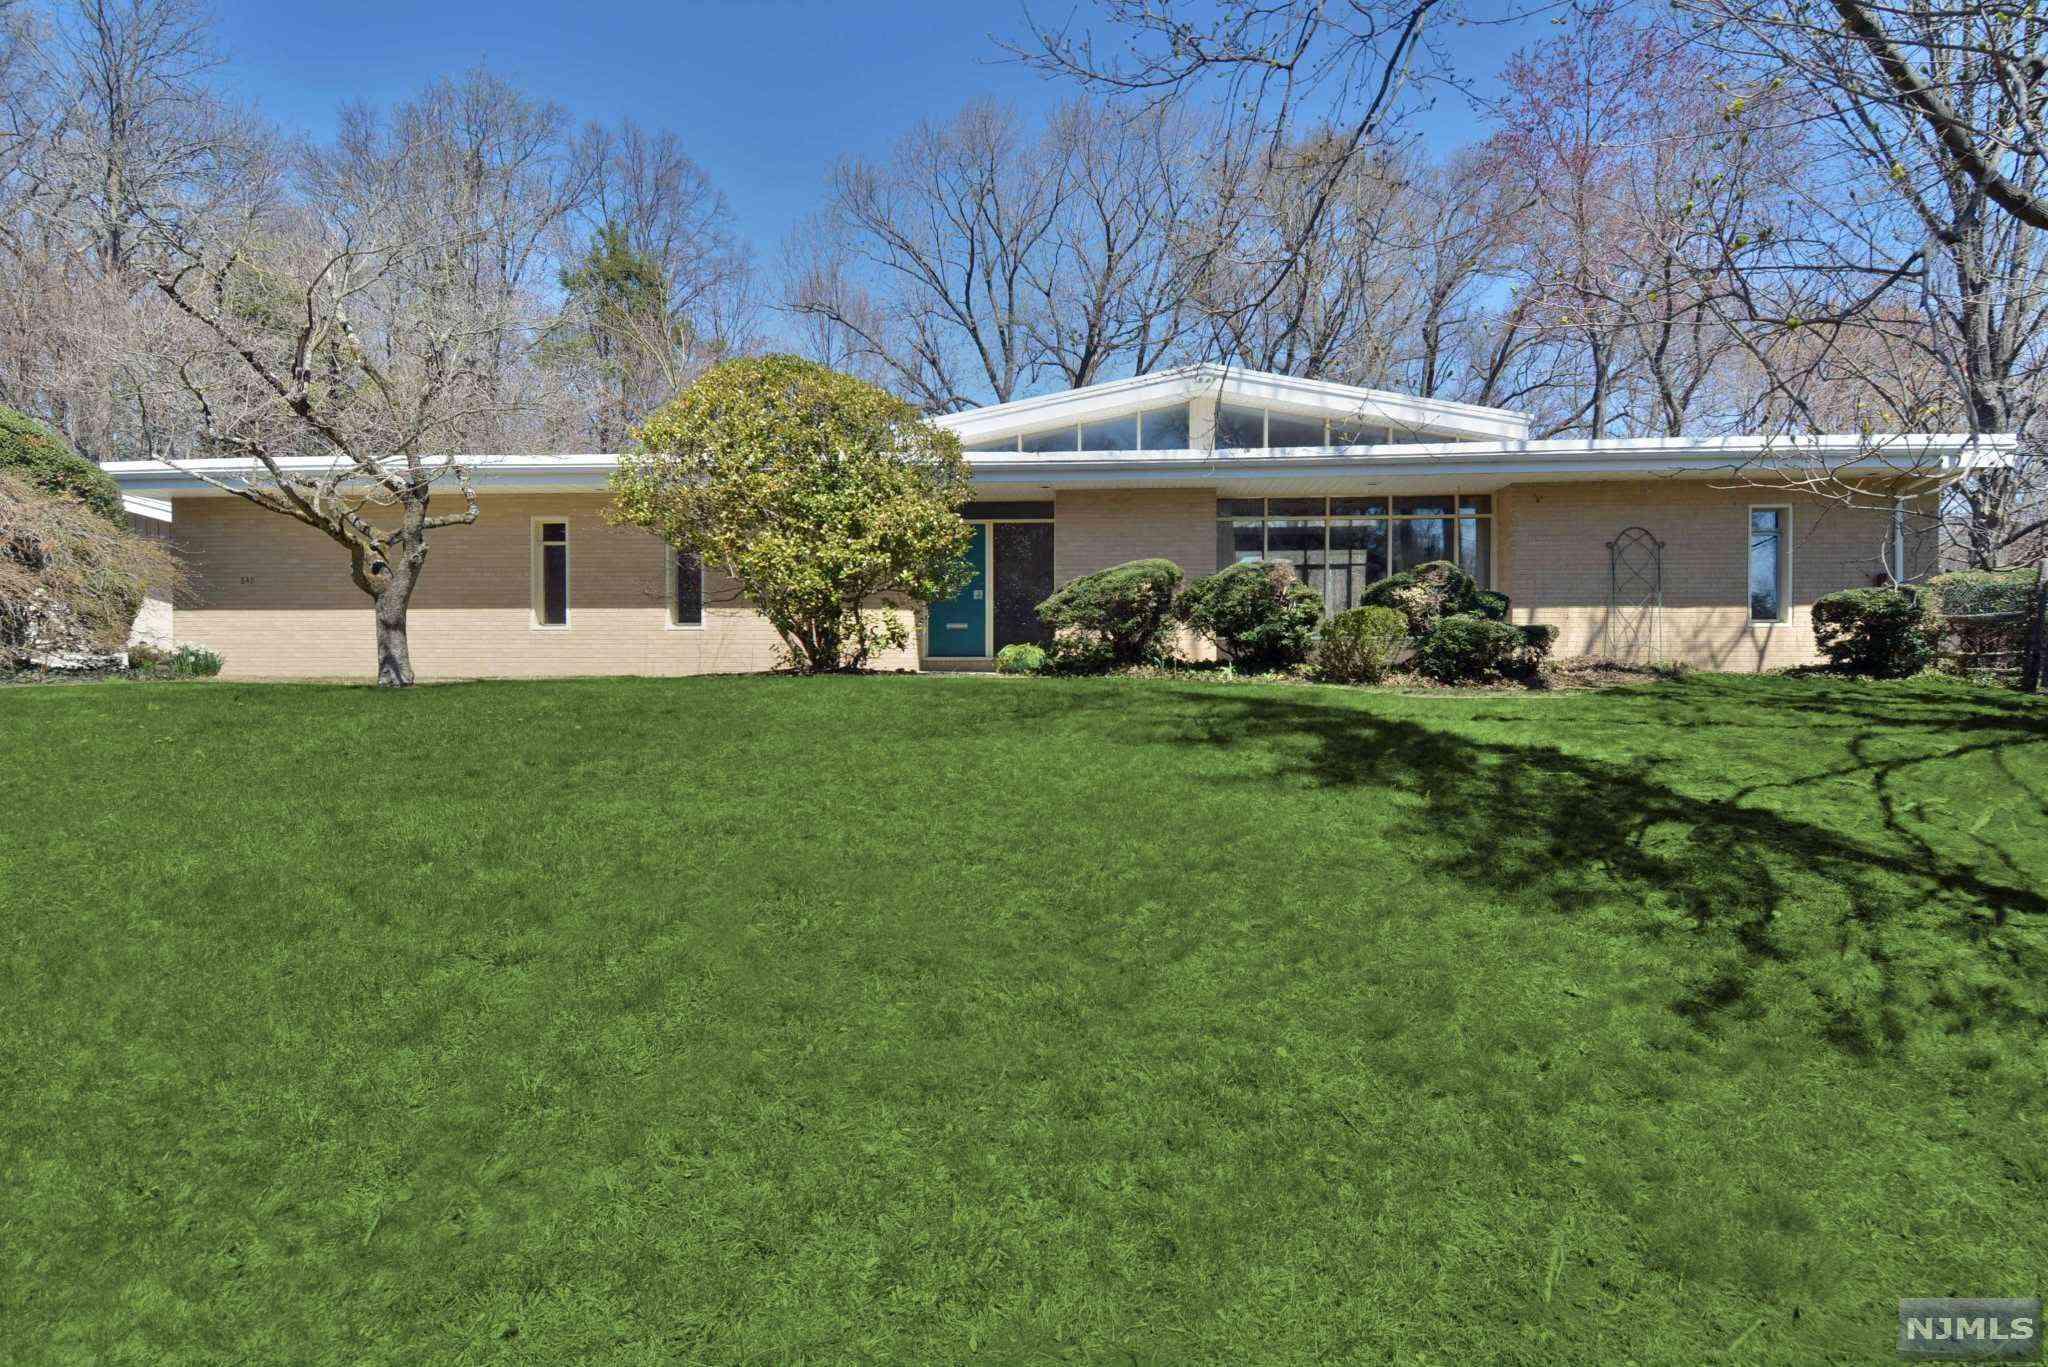 casa de rancho suburbana clásica de mediados de siglo